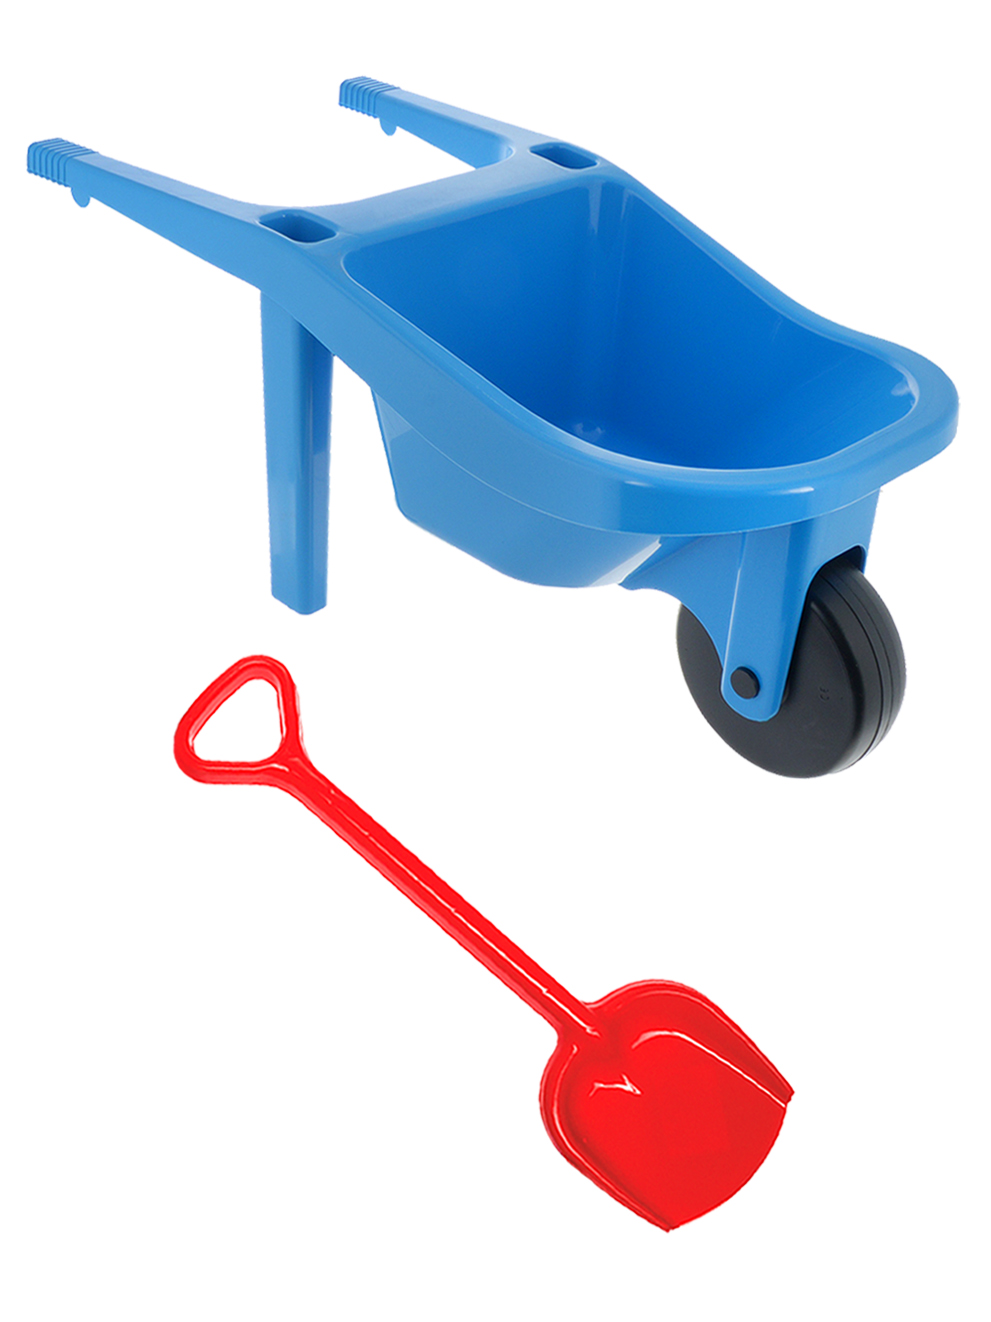 Игровой набор для песочницы Тачка большая синяя, лопатка 50 см. красная Karolina Toys